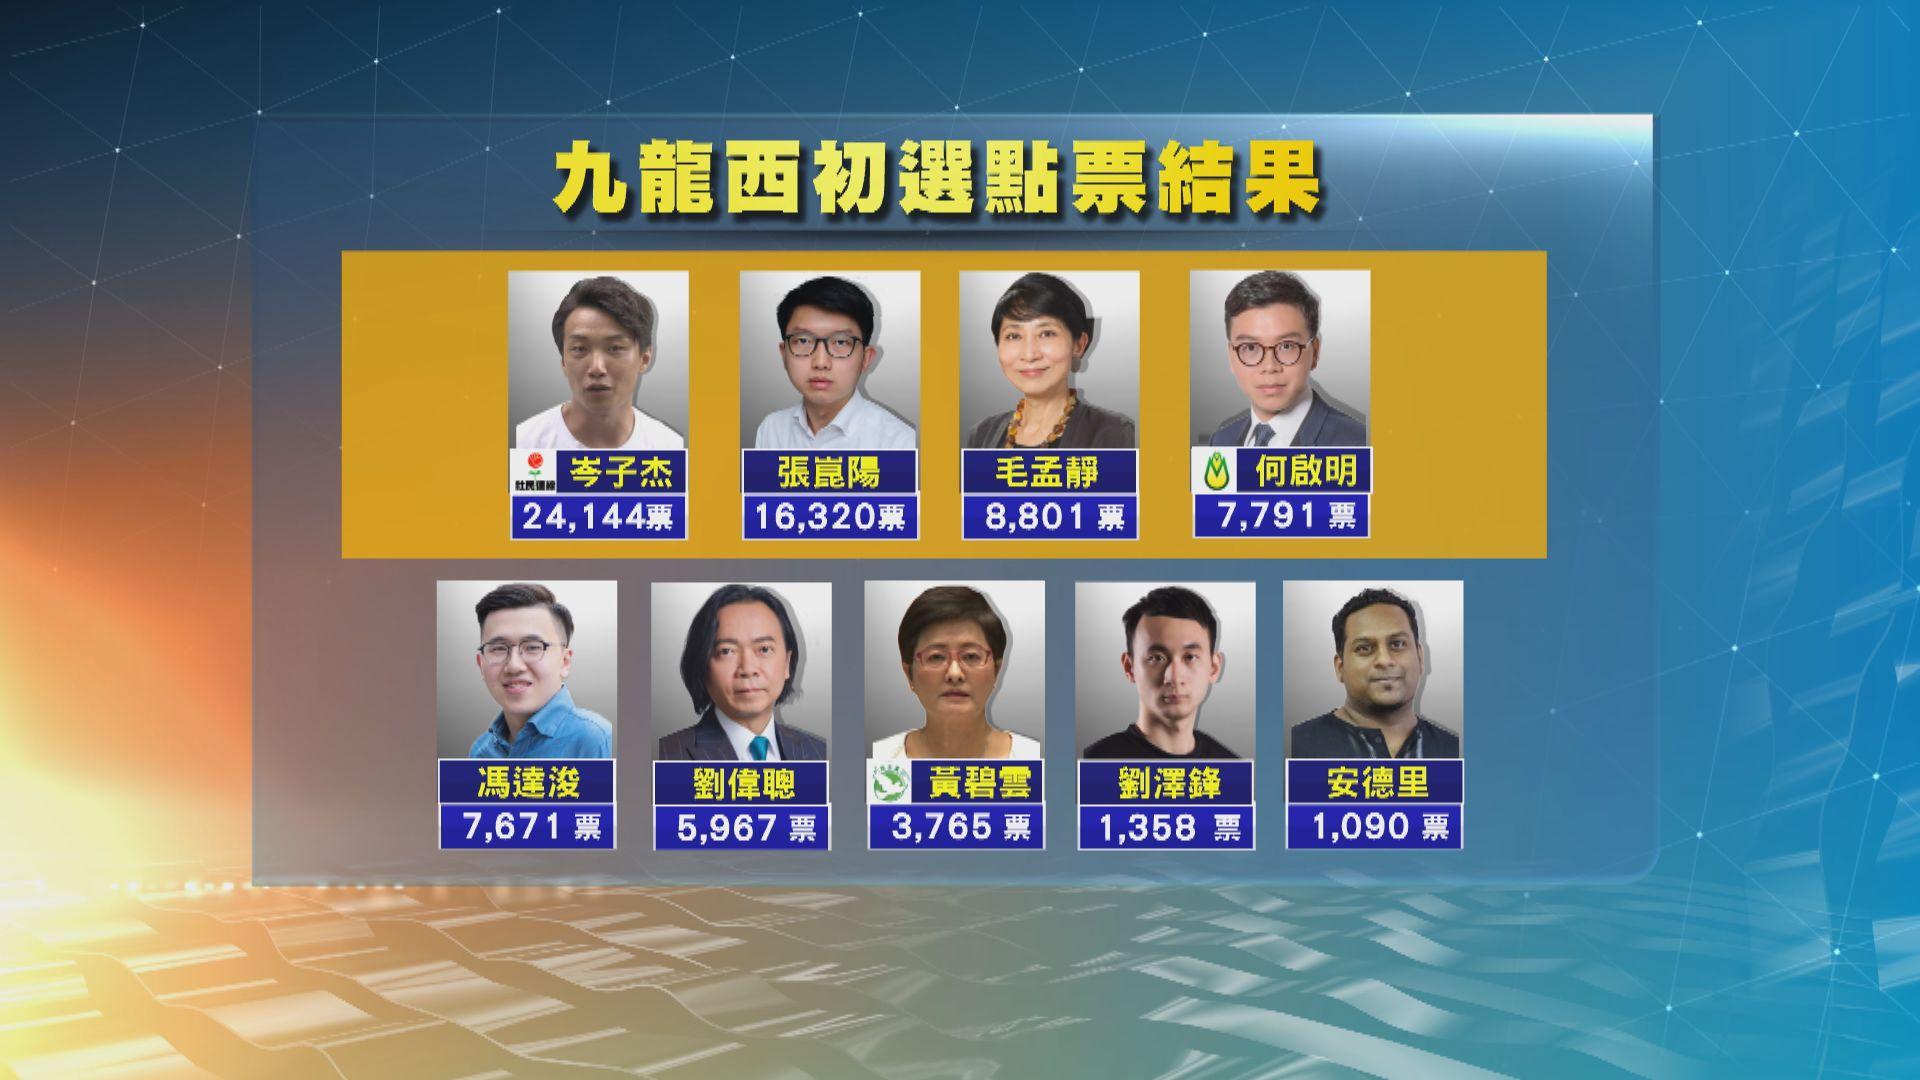 民主派初選完成點票 點算紙張票後九龍西結果有變